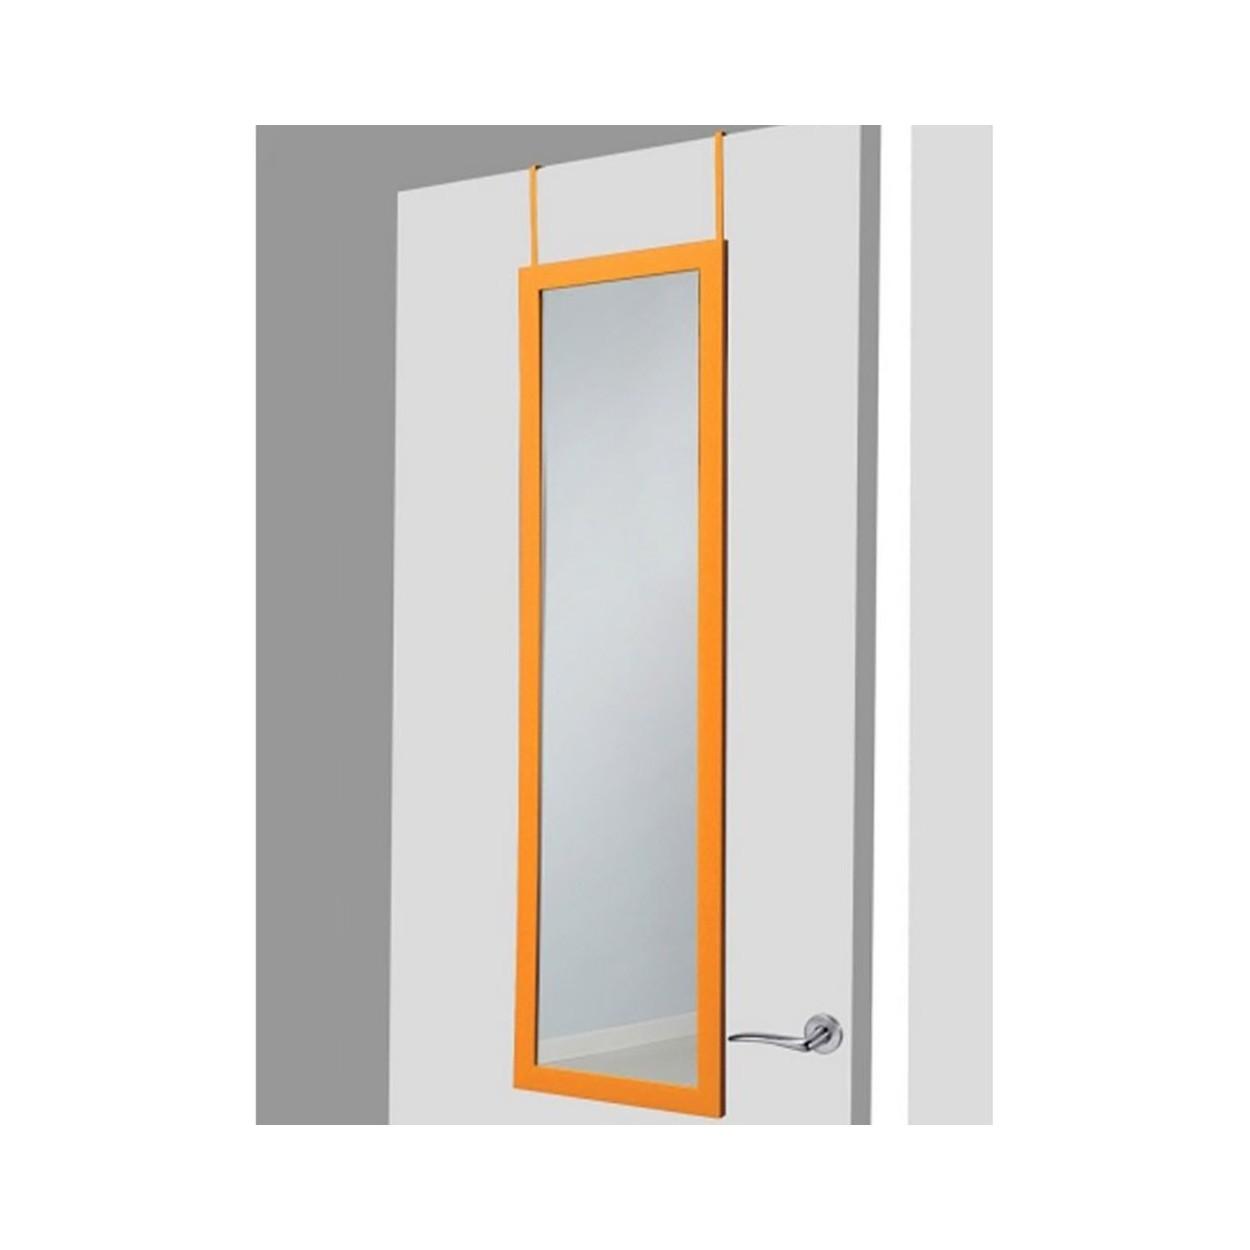 Espejo para puerta naranja sin agujeros hogar y m s for Espejos para colgar